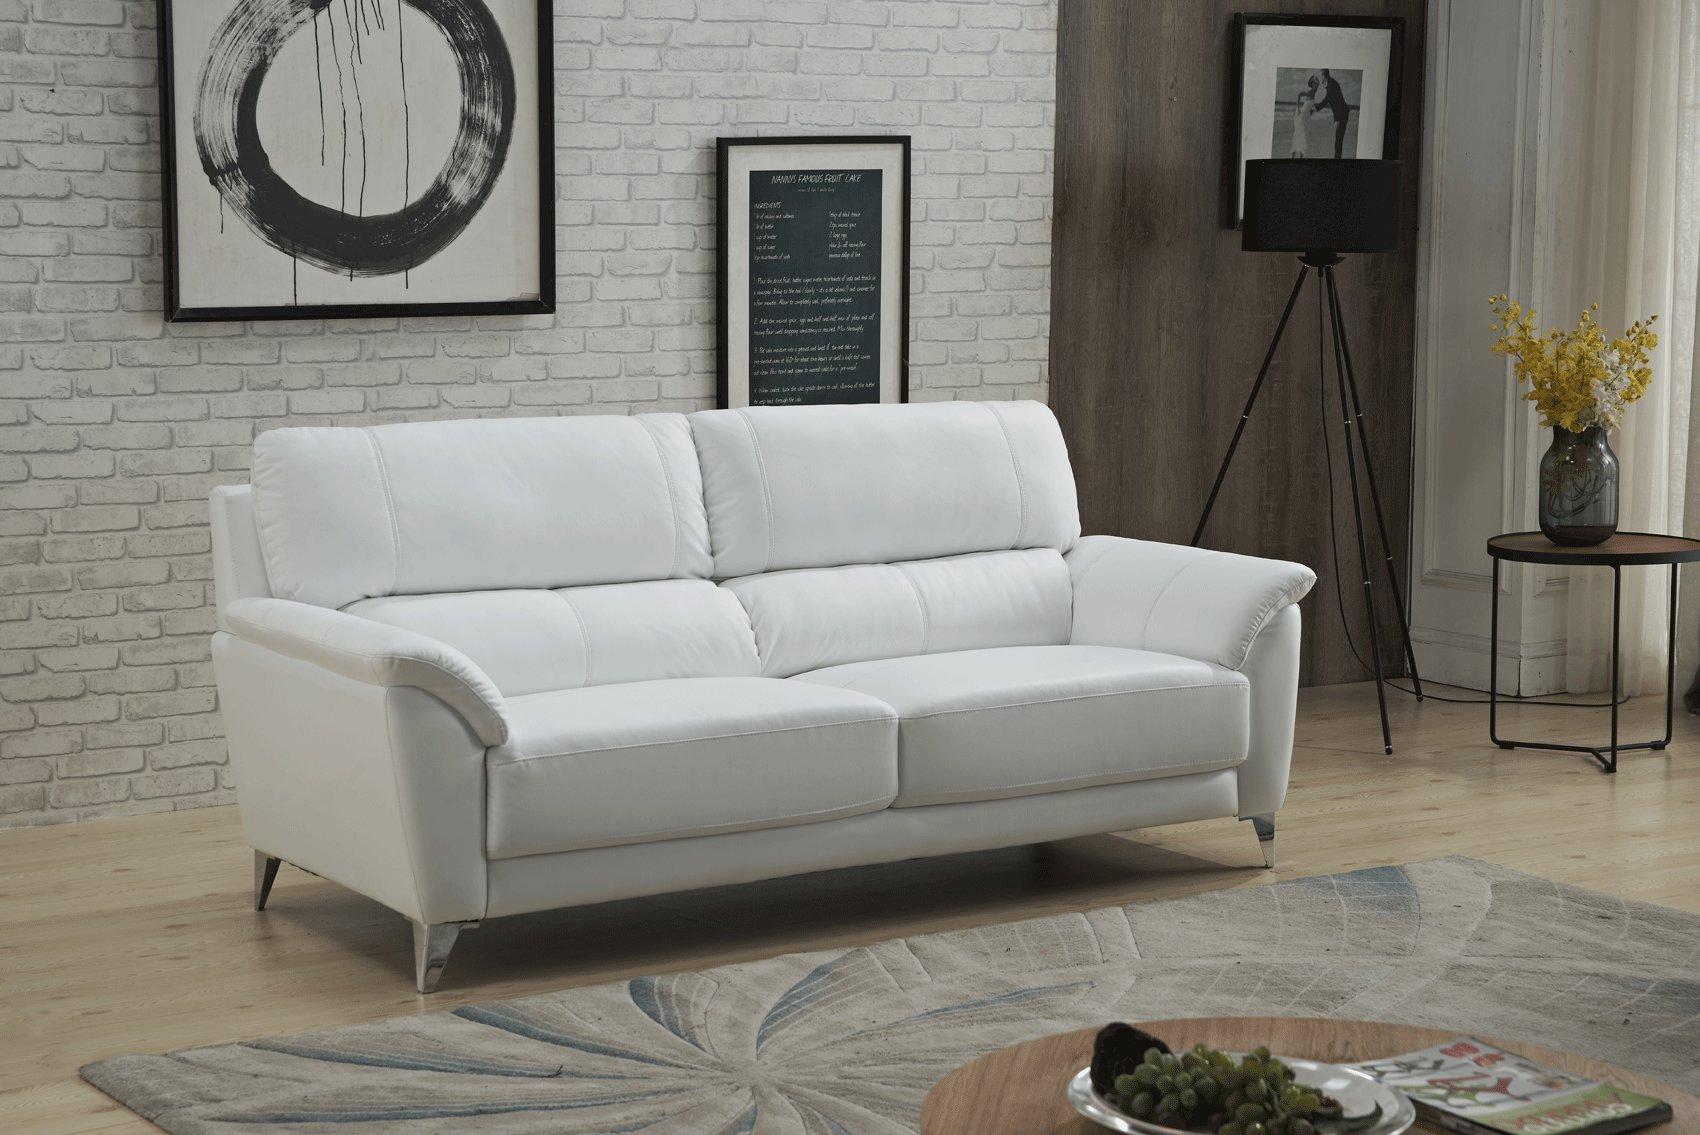 Unique Design White Leather Sofa Set Albuquerque New